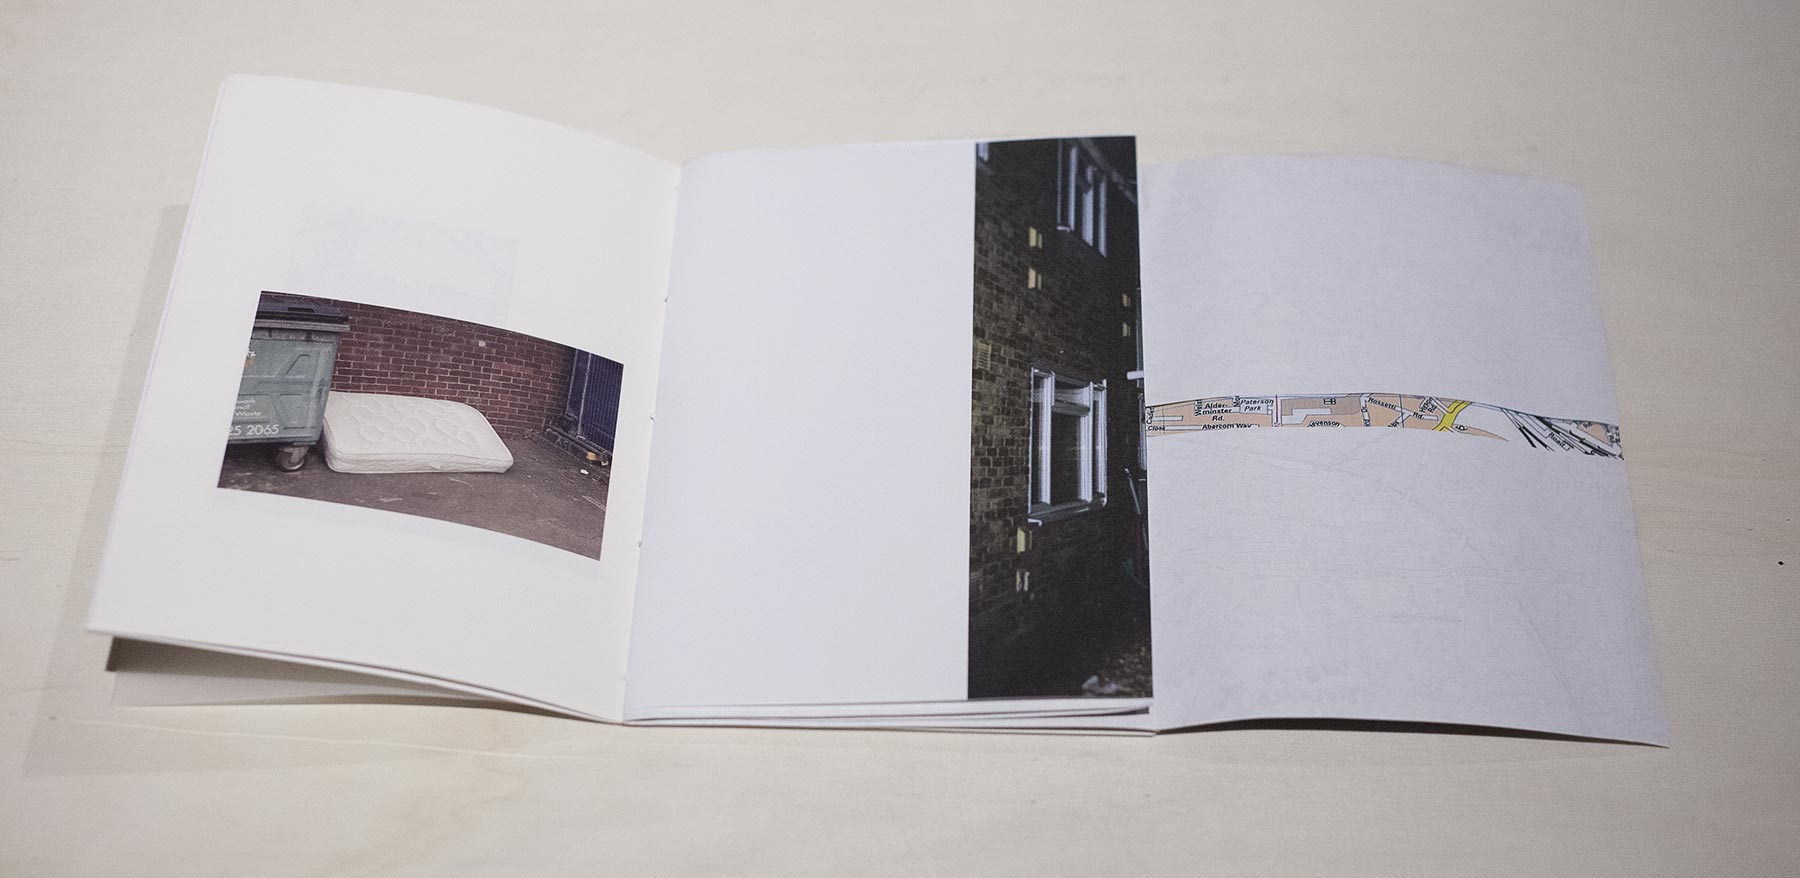 photobook-pop-up3-sam-sutton-01